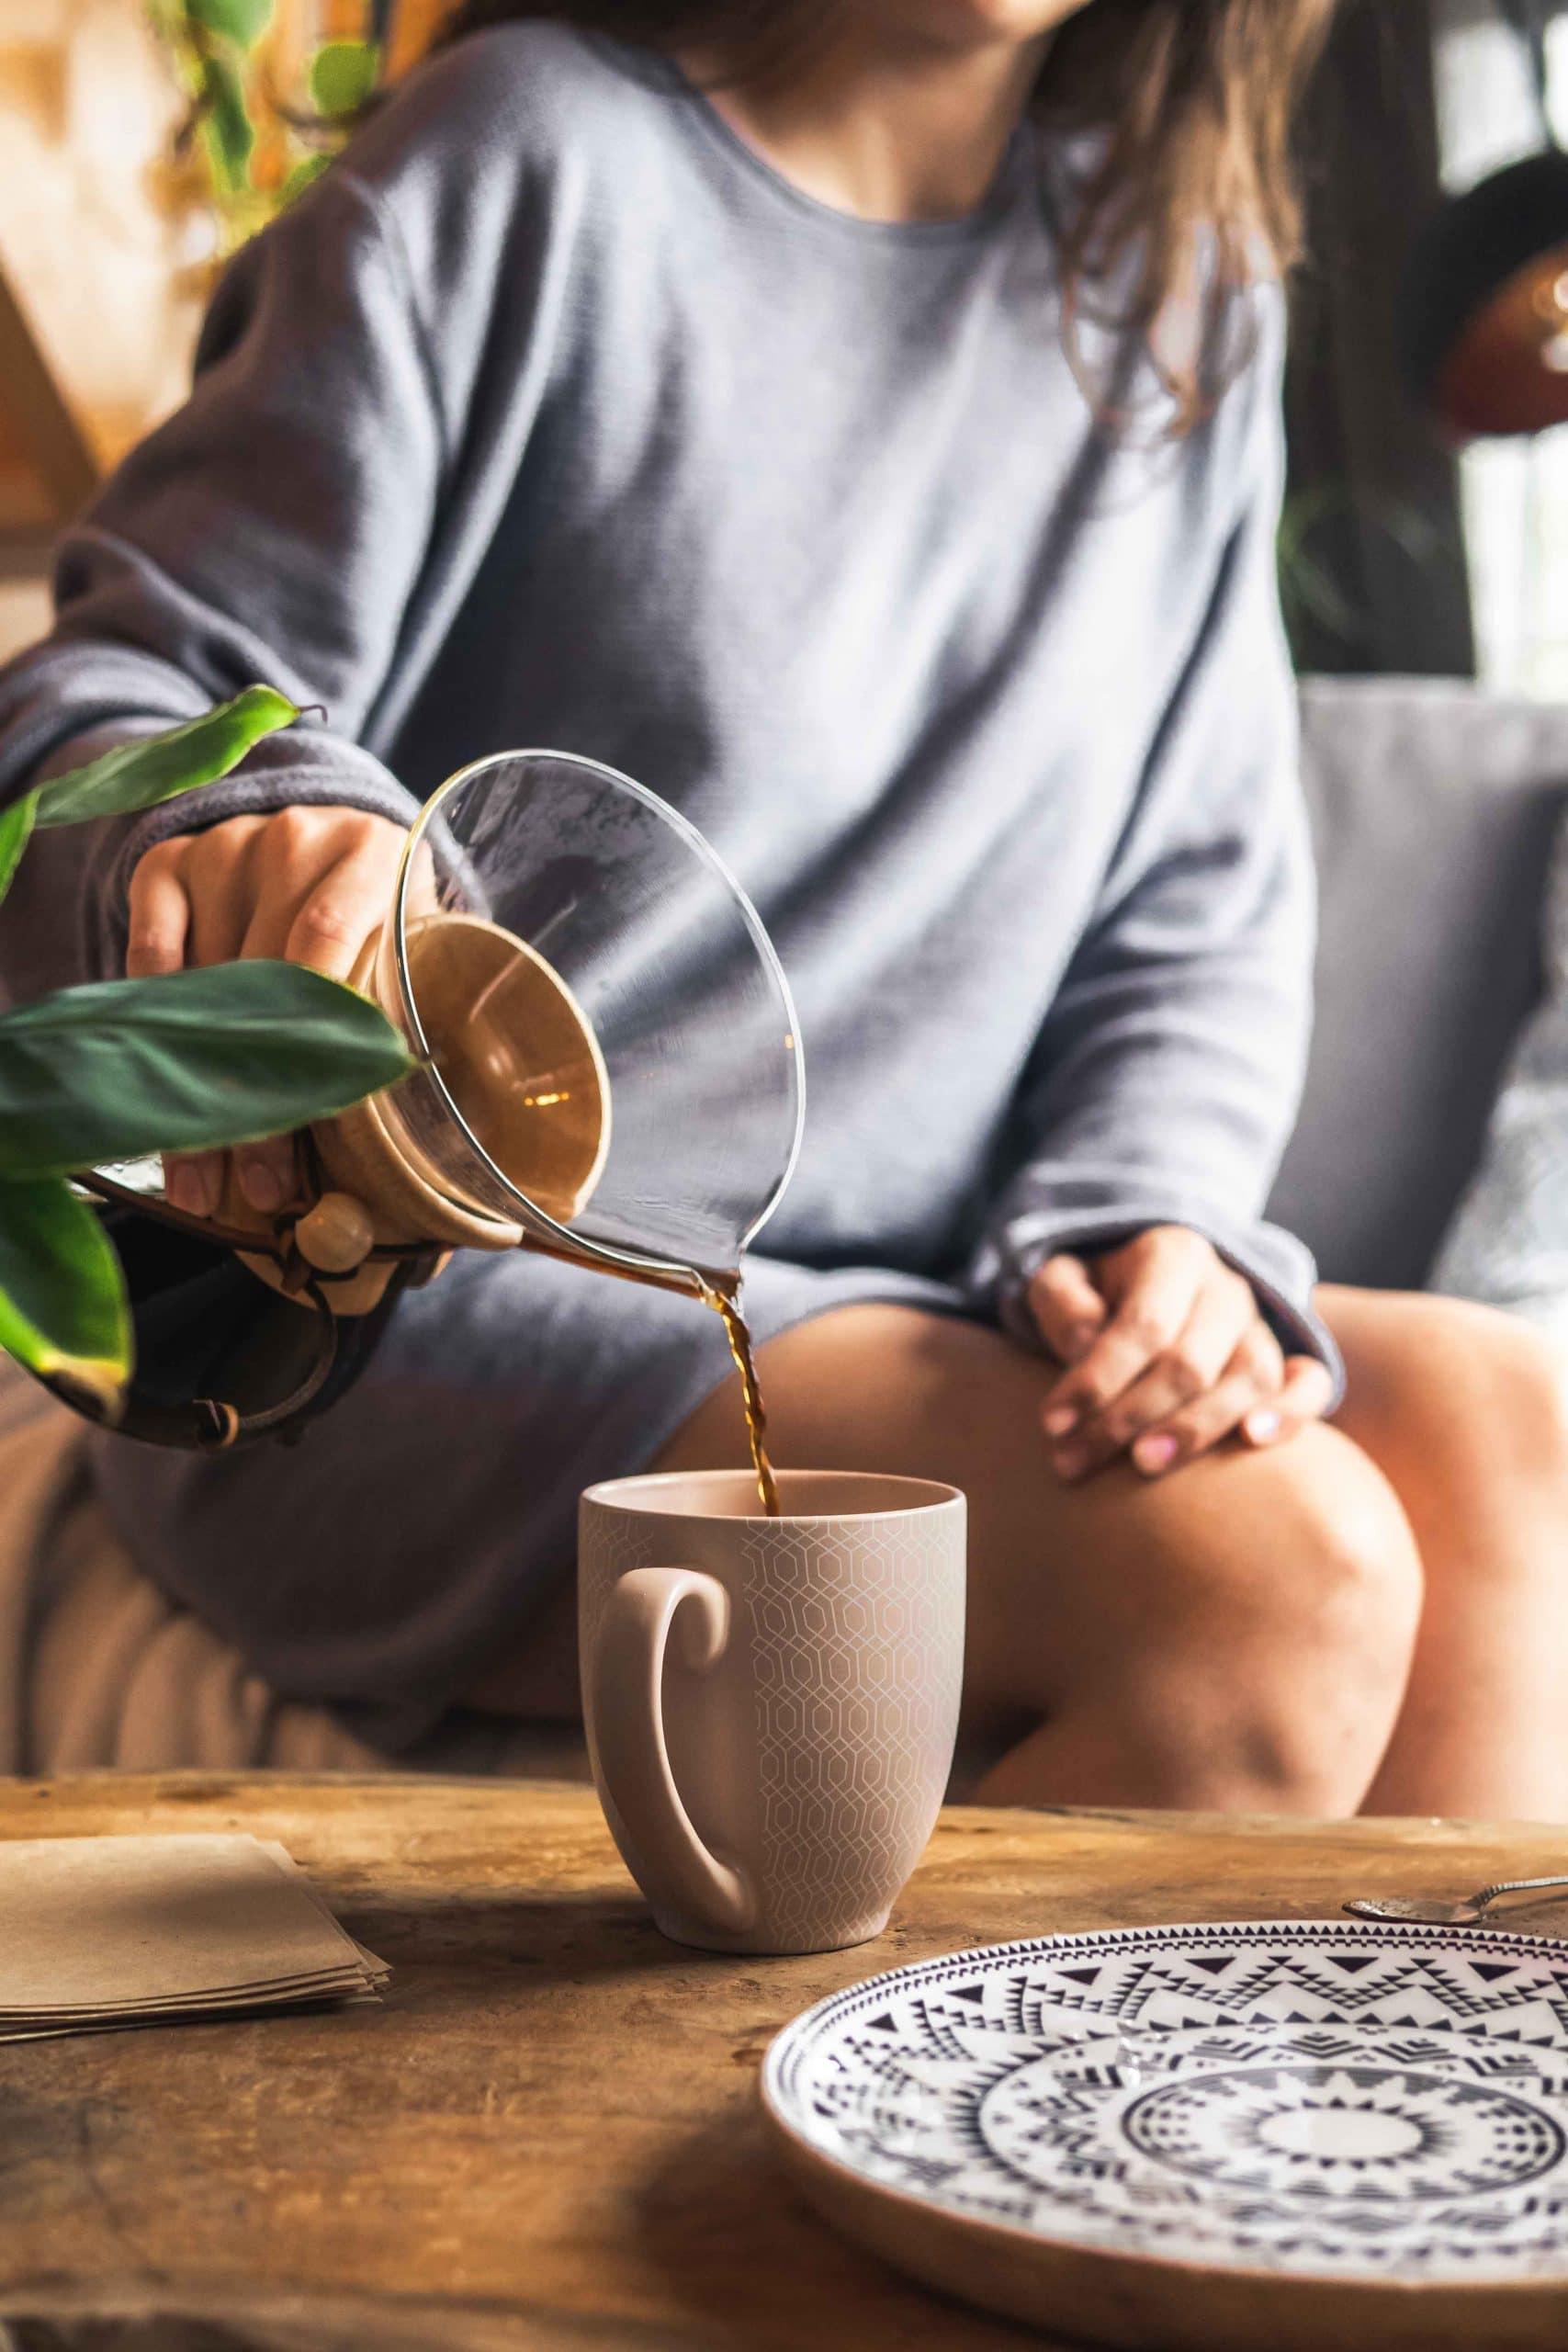 barista royal kaffee 77 von 130 scaled